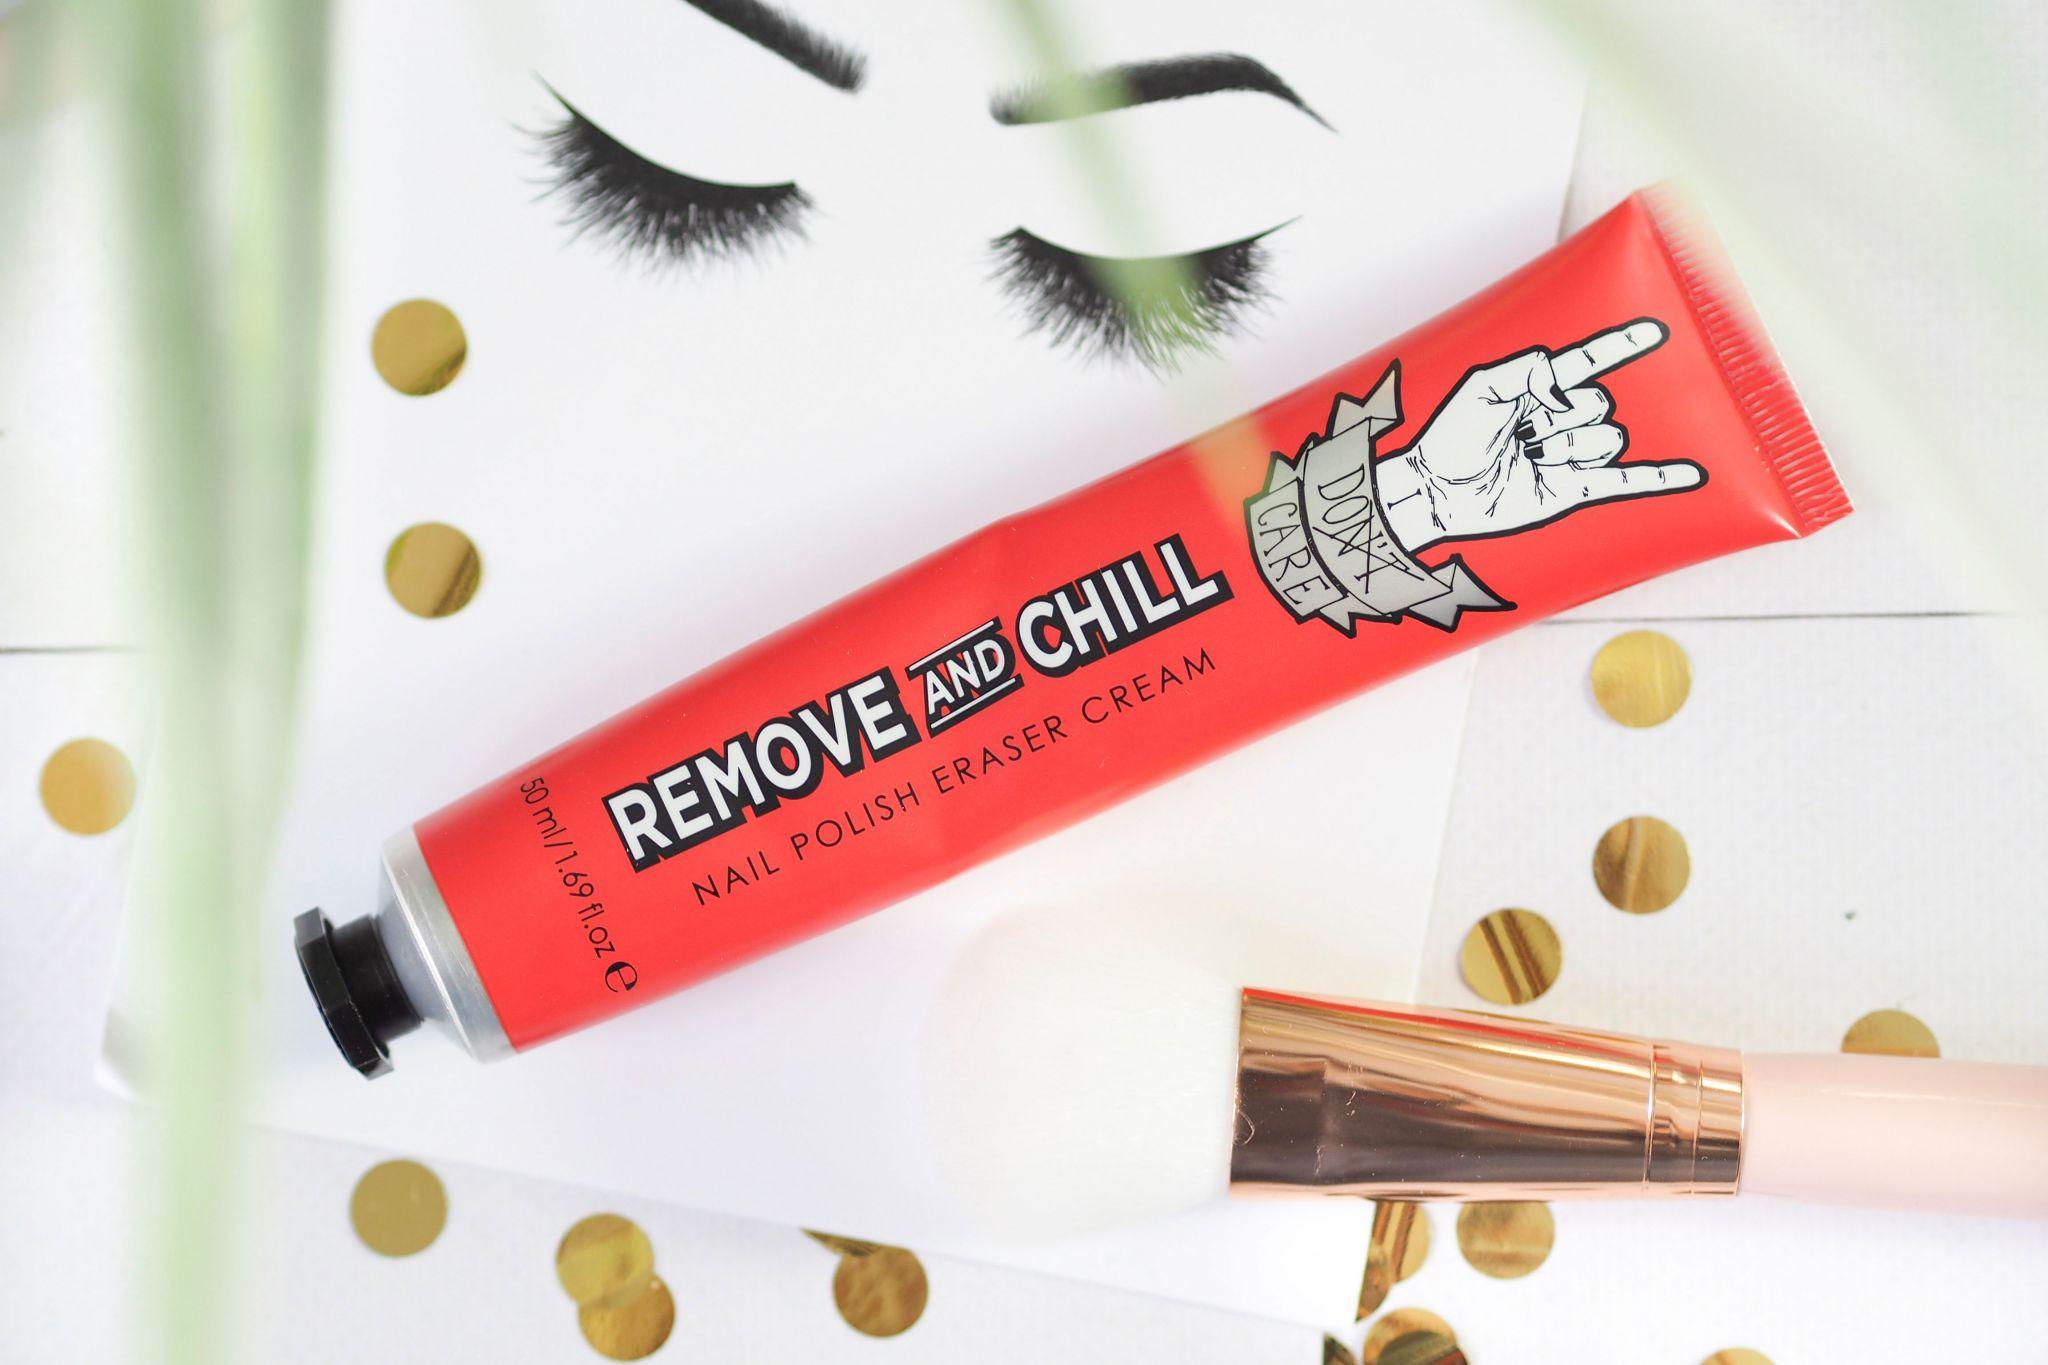 Remove & Chill Nail Polish Eraser Cream